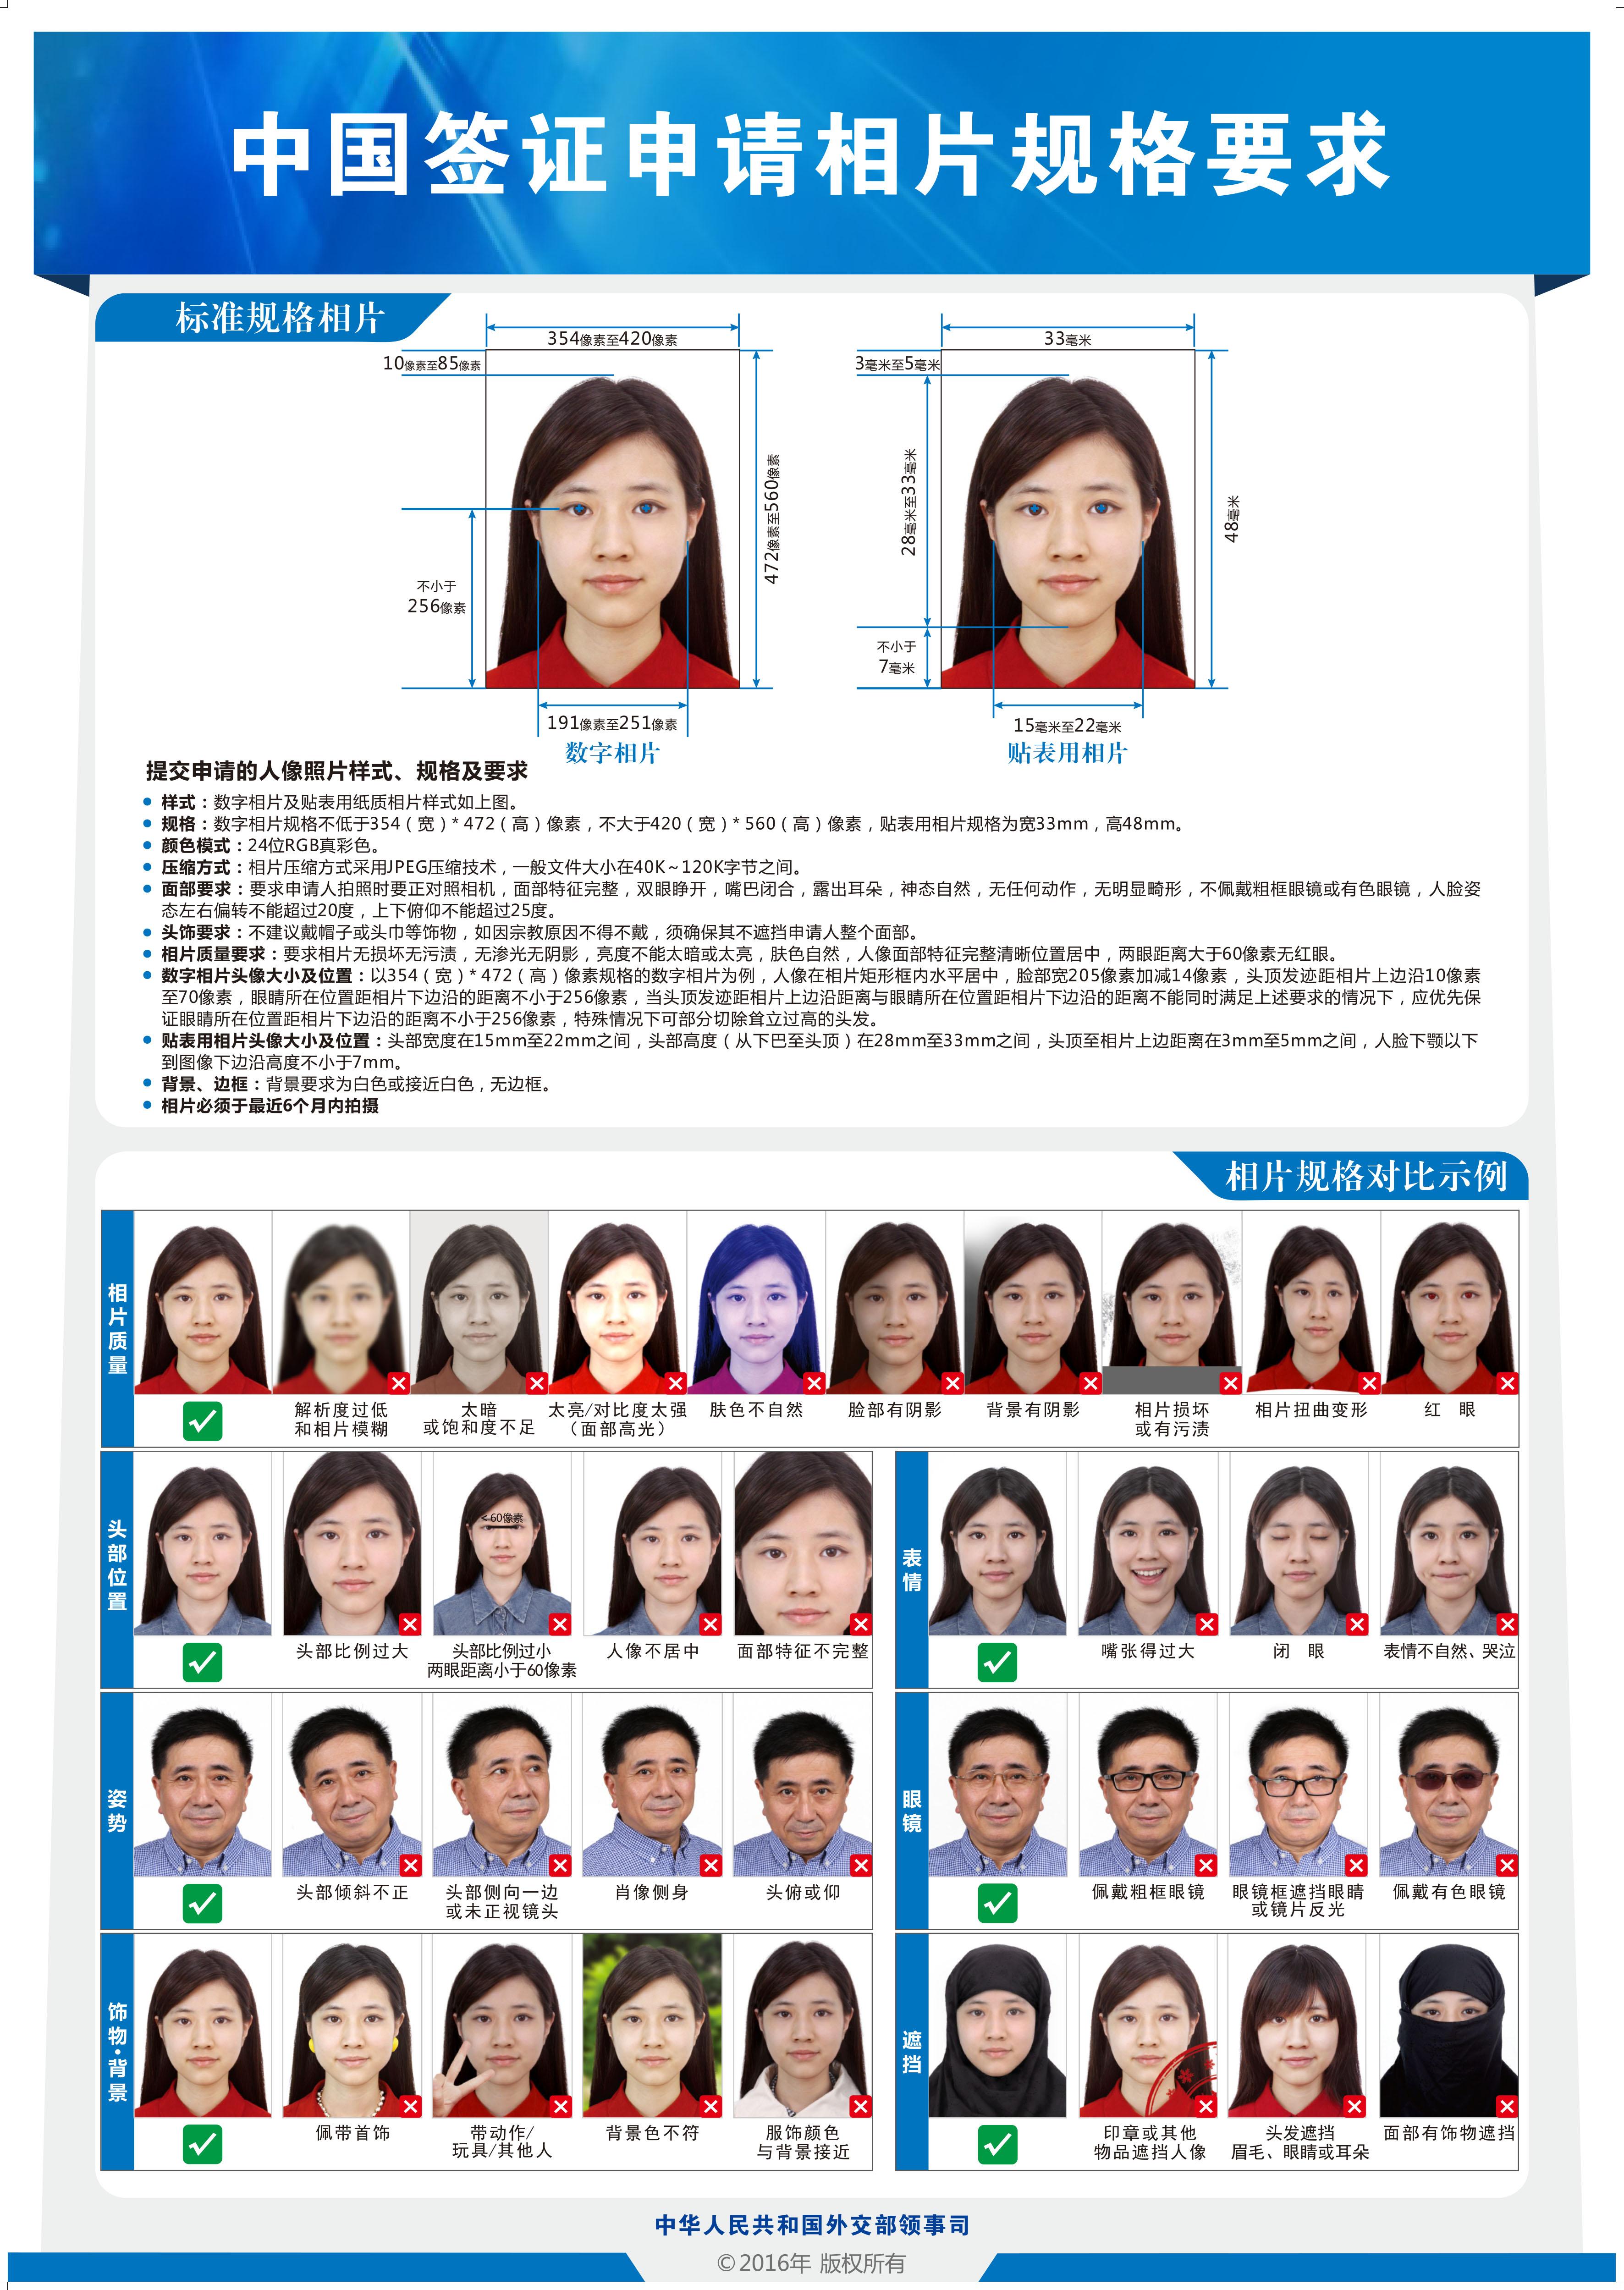 China visa photo